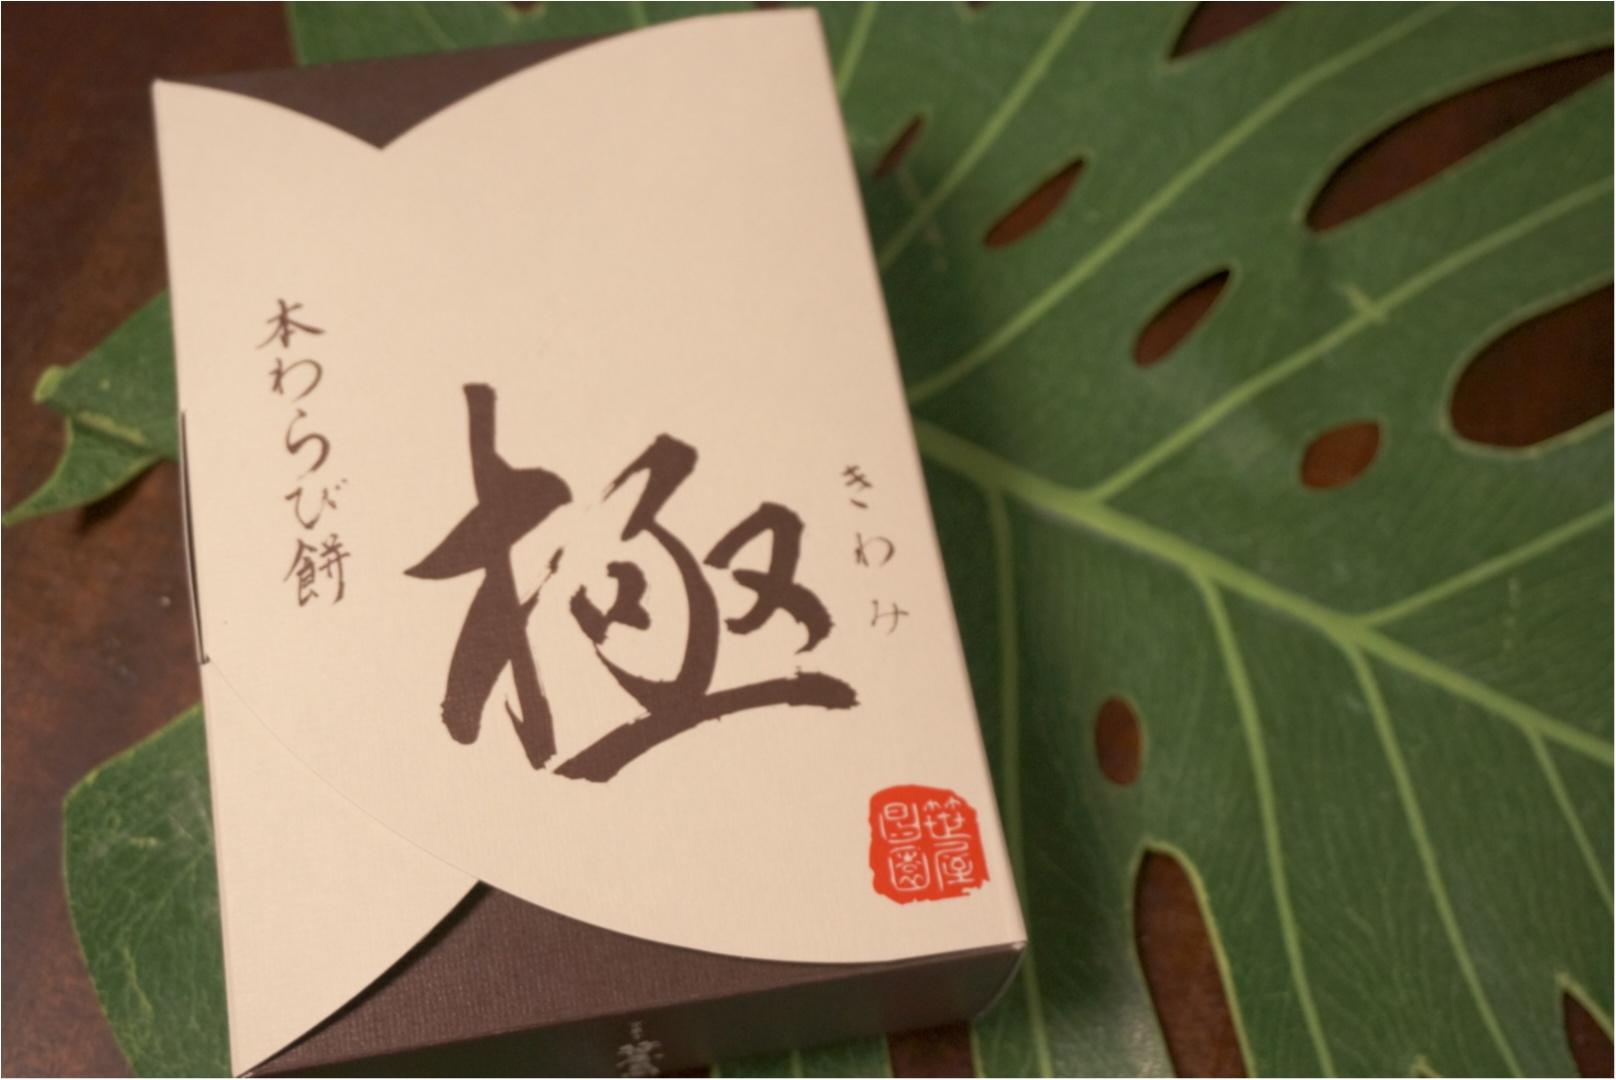 自分へのお中元⁉️【笹屋昌園】の本わらび餅《極み》がとろけるおいしさ( ´艸`)♡_1